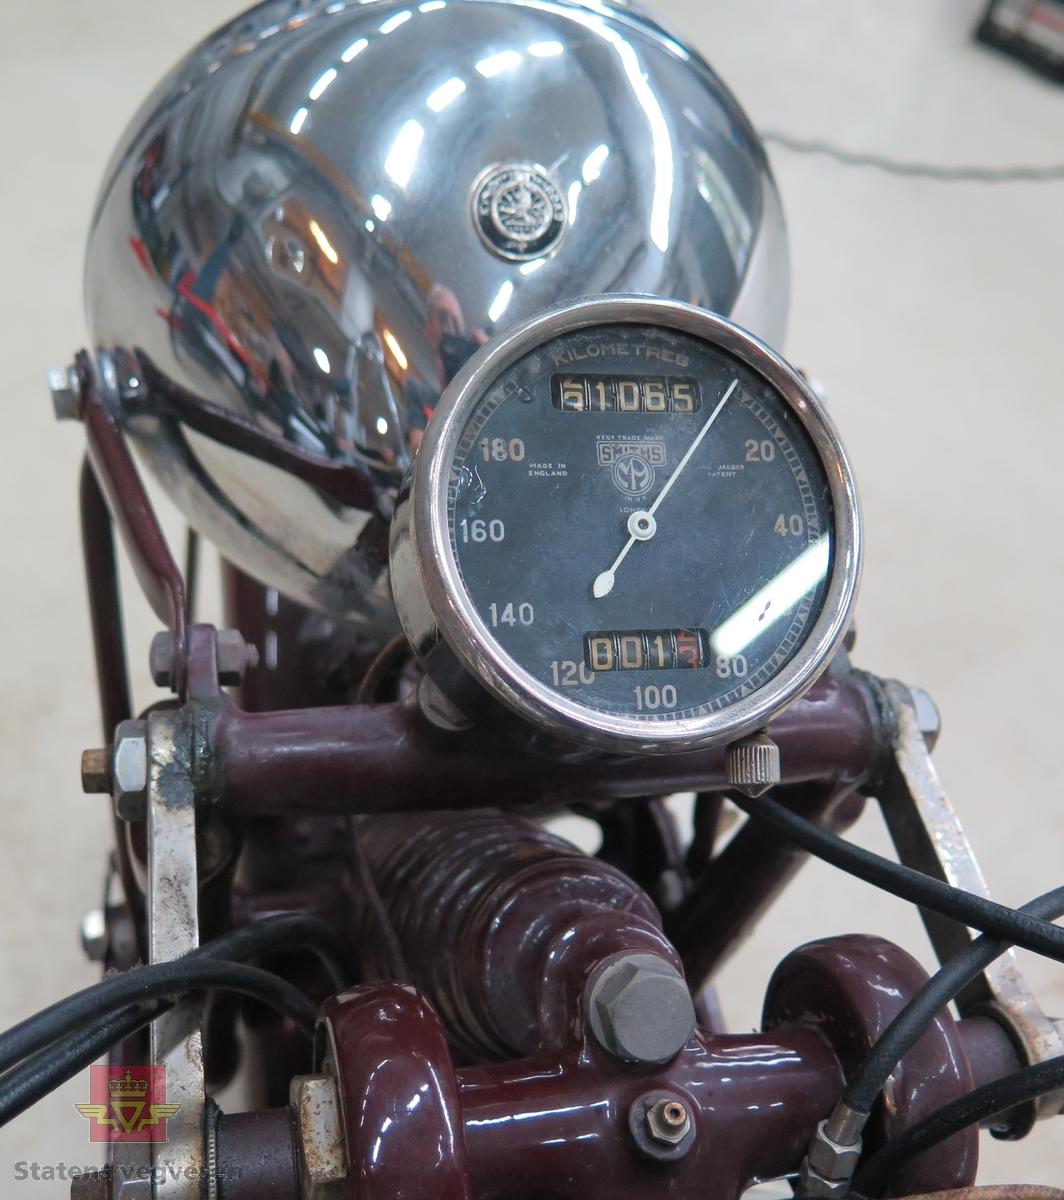 Rød (antatt orriginal farge som heter Amaranth red) lakk utvendig. Motorsykkelen har originalt en luftavkjølt, bensindrevet 2-sylindret motor med et sylindervolum på 498 kubikkcentimeter. Motoren er en 360 graders parallell twin OHV firetakt som yter 27 Hk. Sykkelen har 4- trinns girkasse og kjededrift. Svart sal, antall sitteplasser er 2. Km. stand på telleren er 31065 km.